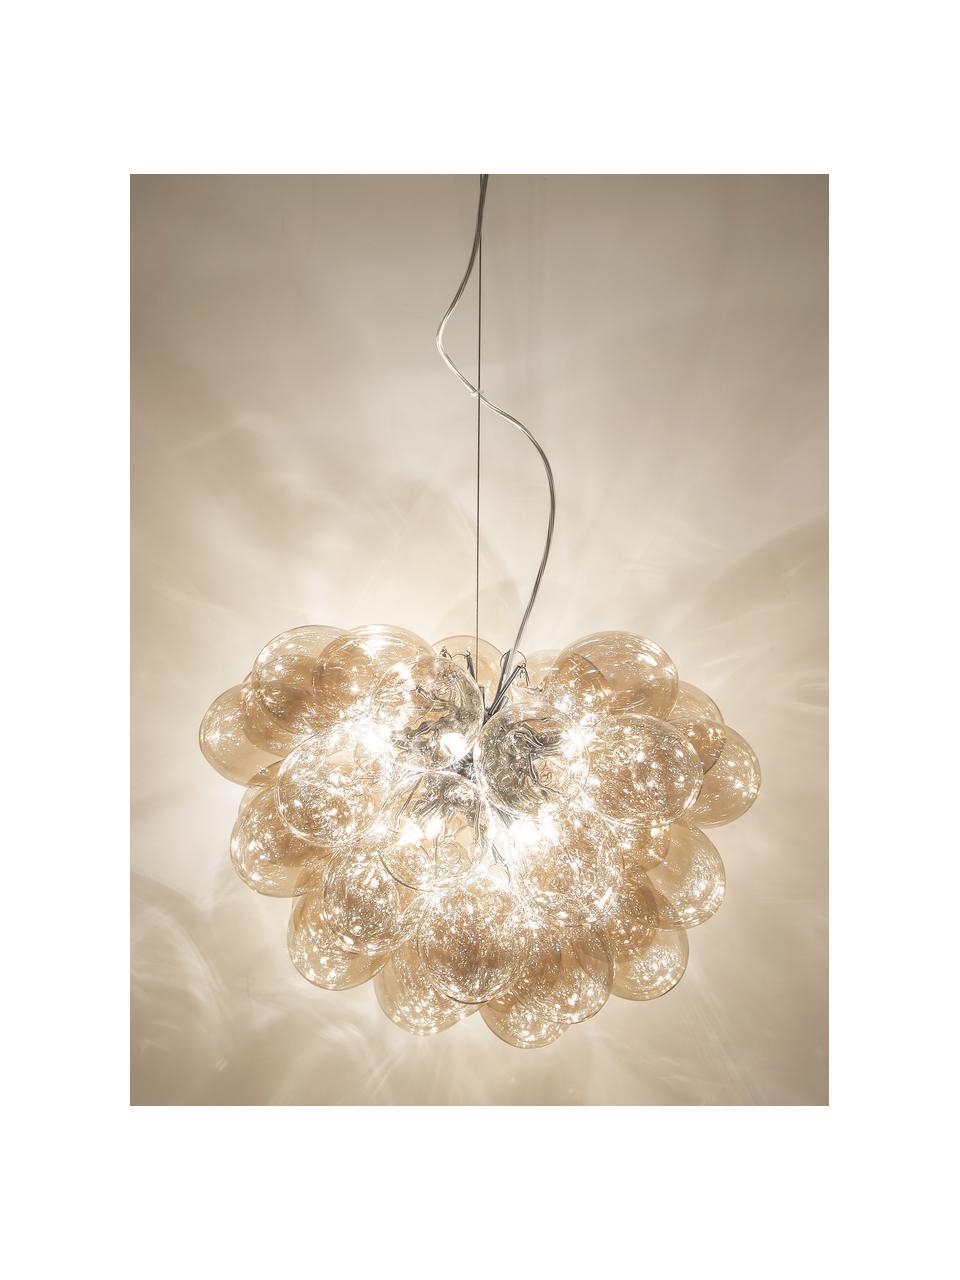 Hanglamp met glazen bollen Gross, Amberkleurig, Ø 50 cm